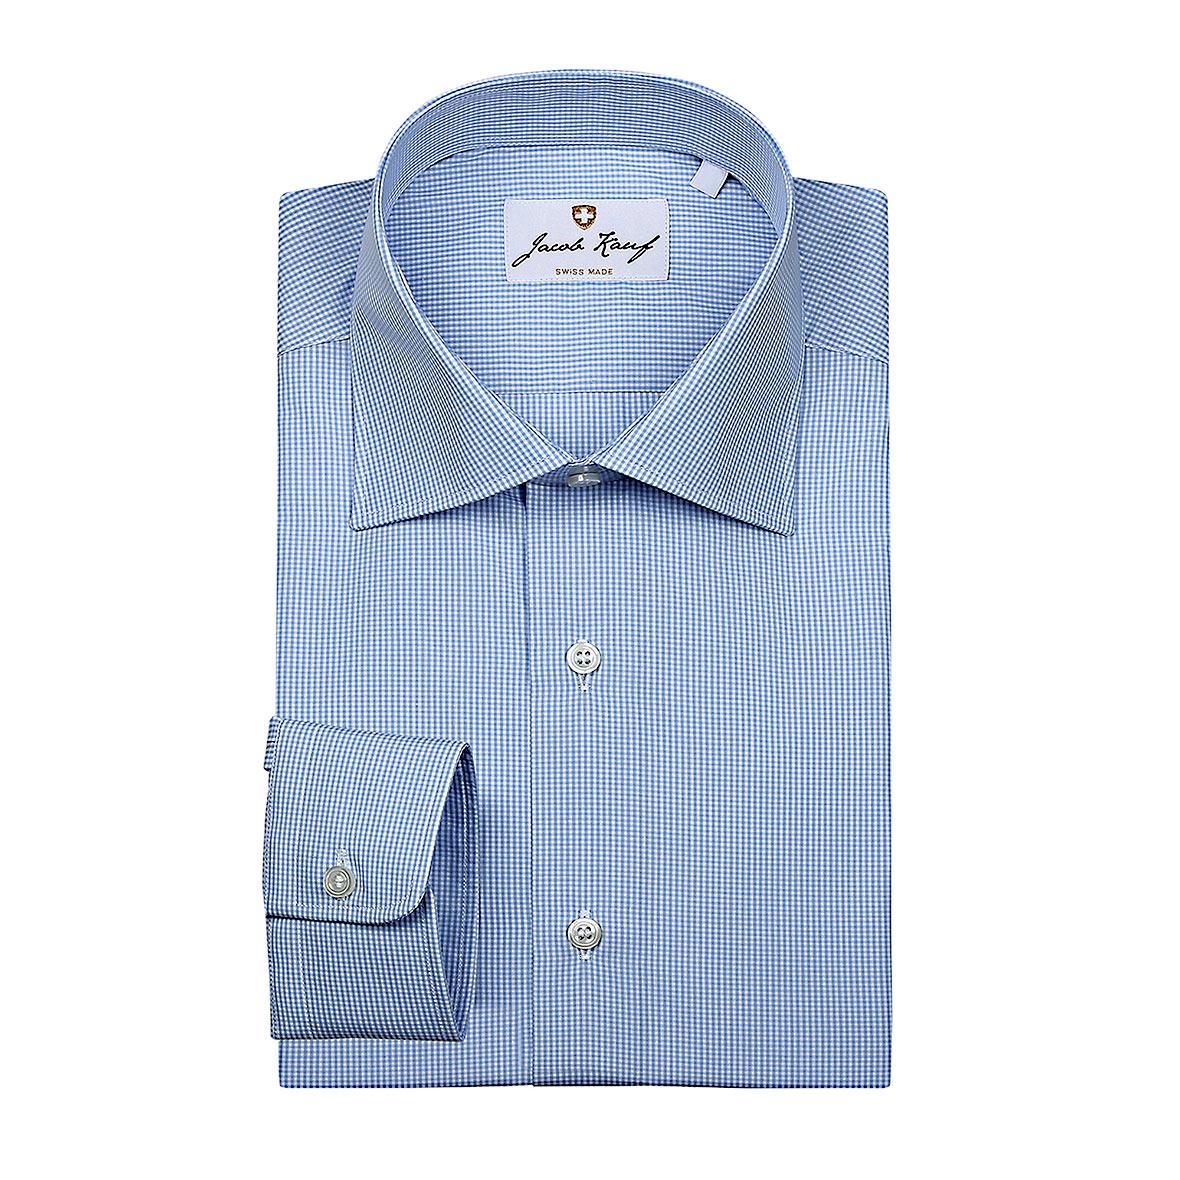 schweizer hemd jacob kauf, fein kariert, blau weiss